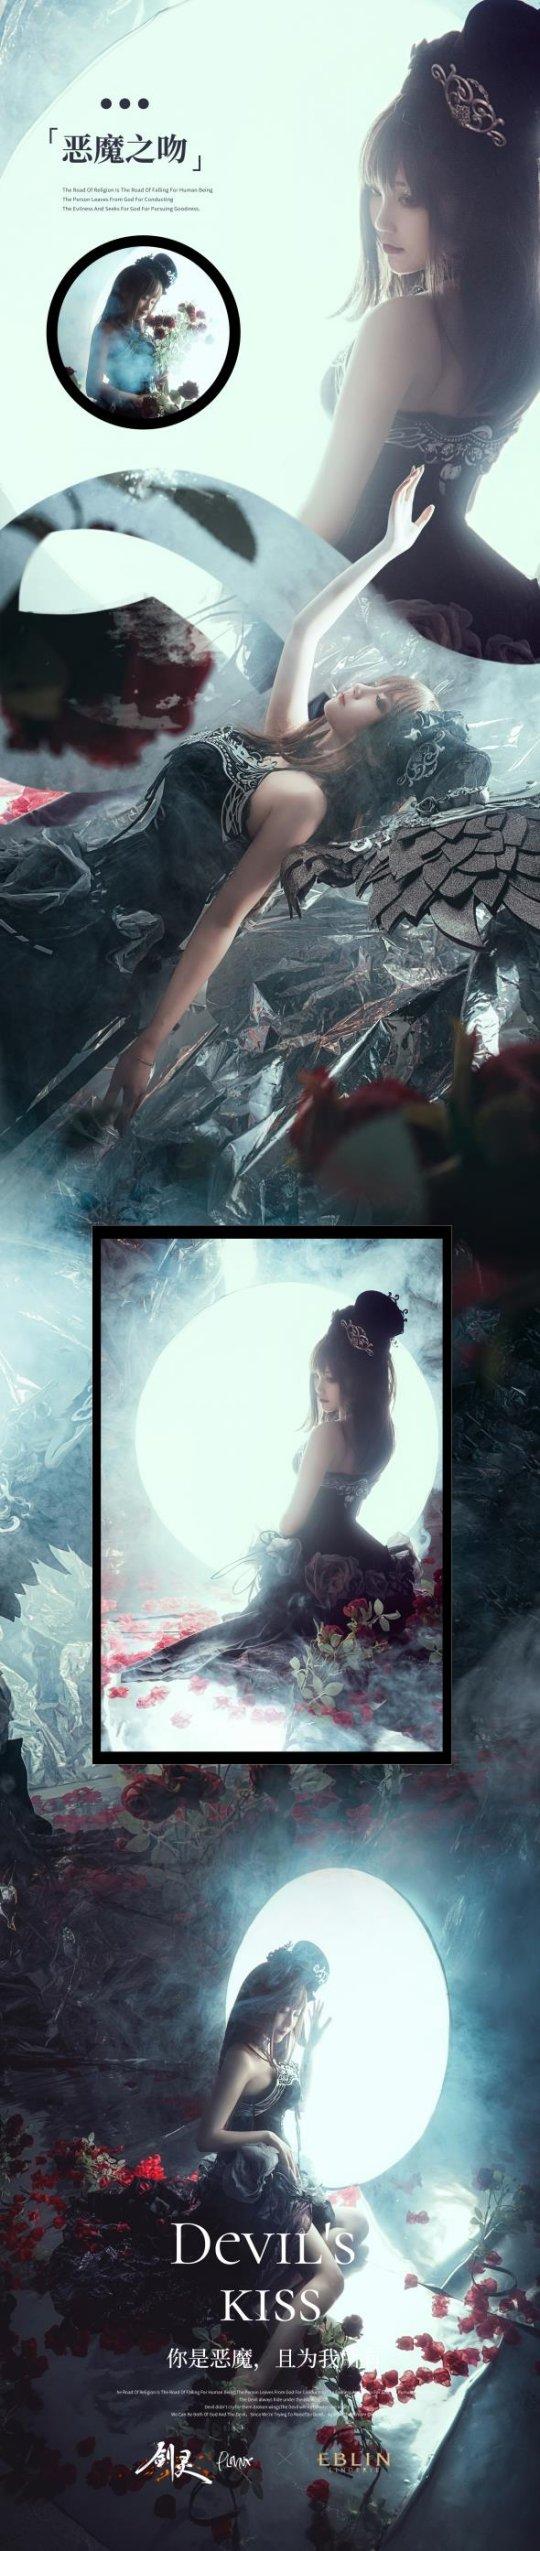 图4:cosplay照片.jpg